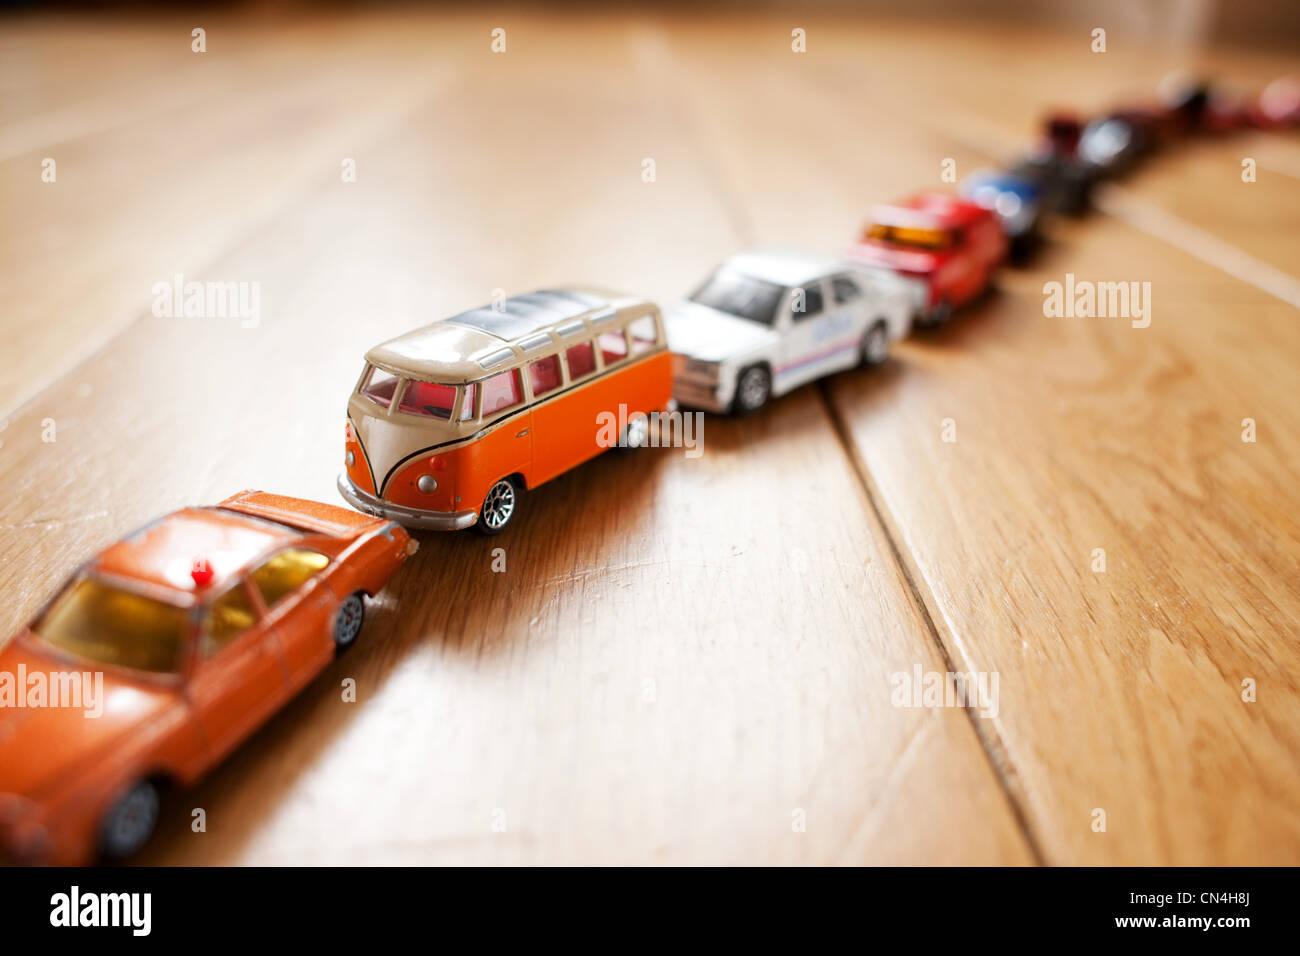 Warteschlange des Spielzeugautos Stockbild